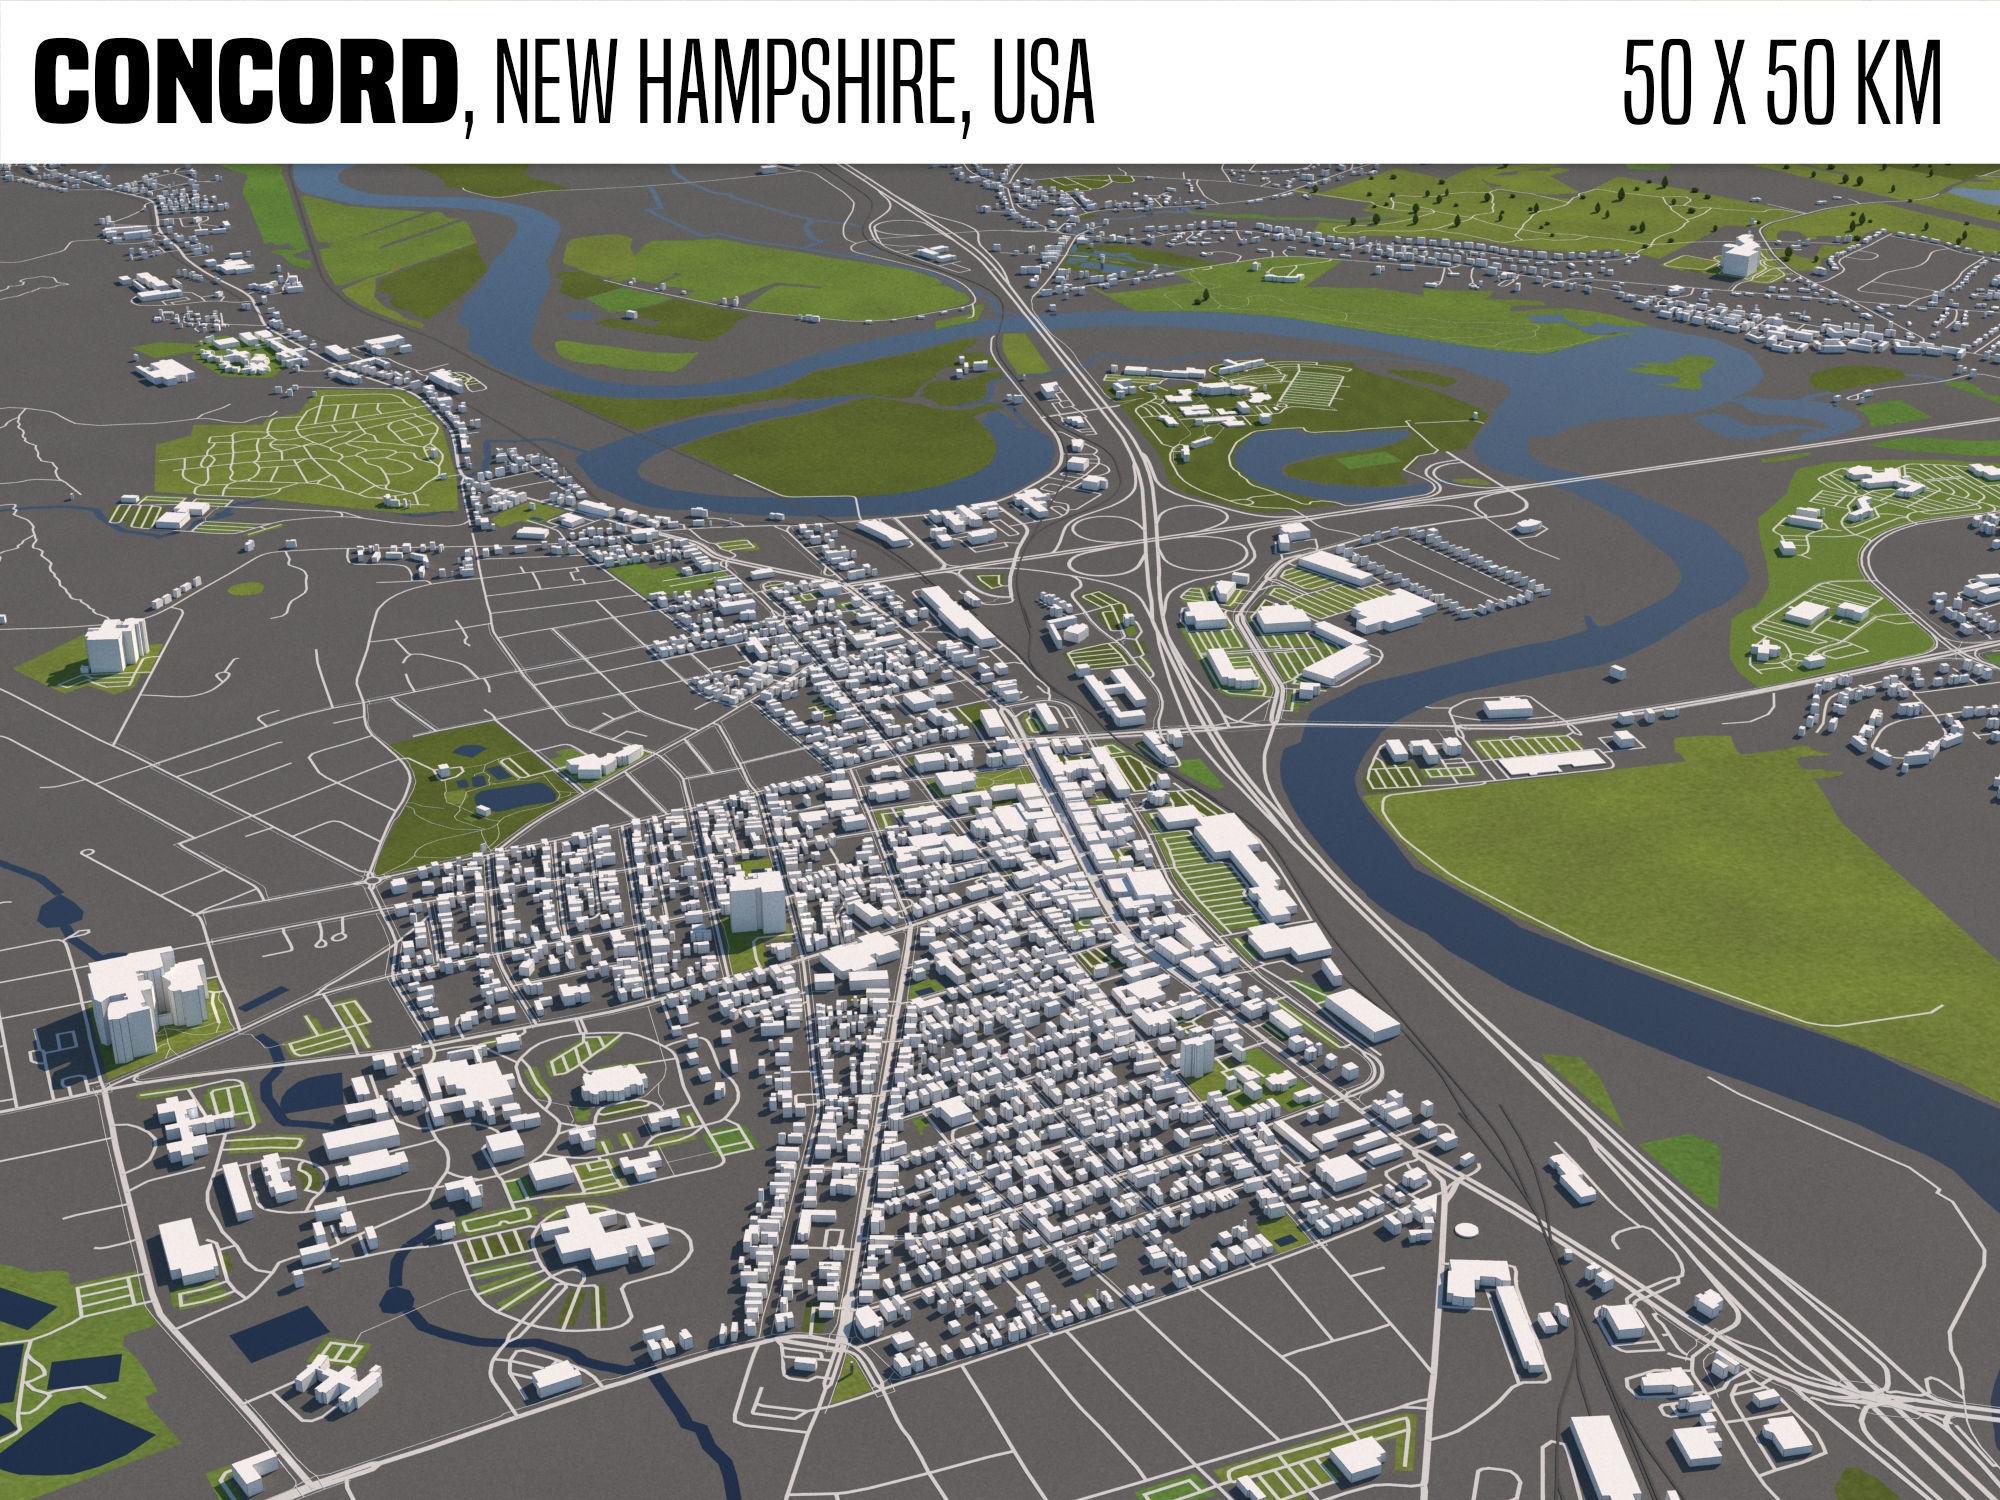 Concord New Hampshire USA 50x50km